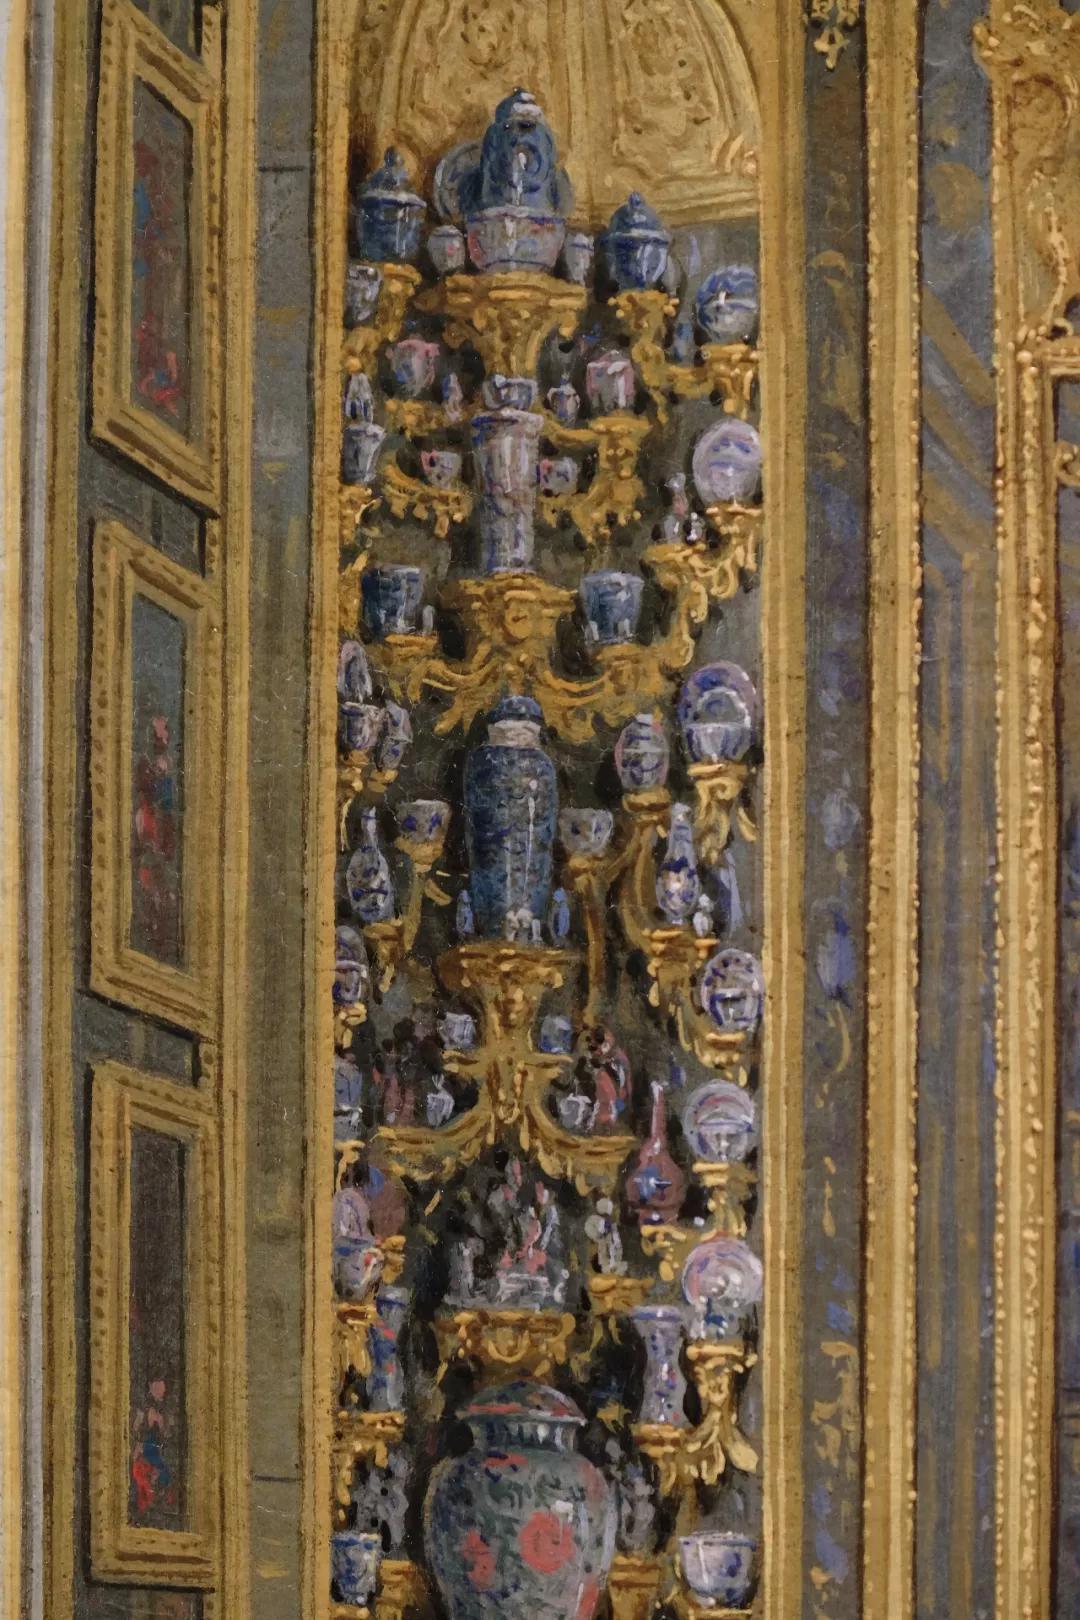 18世纪油画中的巴洛克式瓷器陈设(来自Giuseppe Zocchi画作)